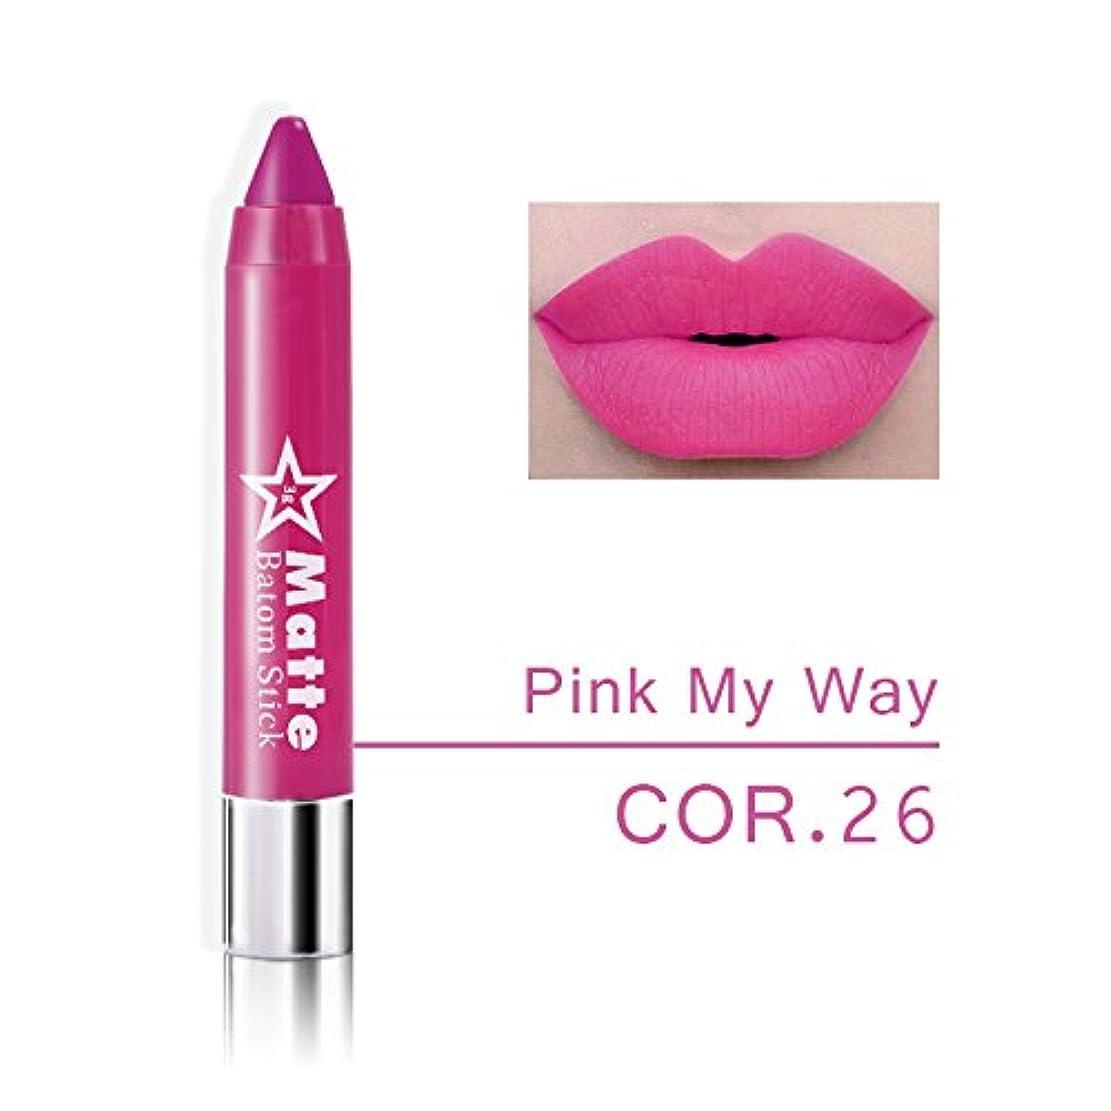 振る舞い動機付ける非武装化Miss Rose Brand lips Matte Moisturizing Lipstick Makeup Lipsticks Waterproof matte Lip gloss Mate Lipsticks Make up